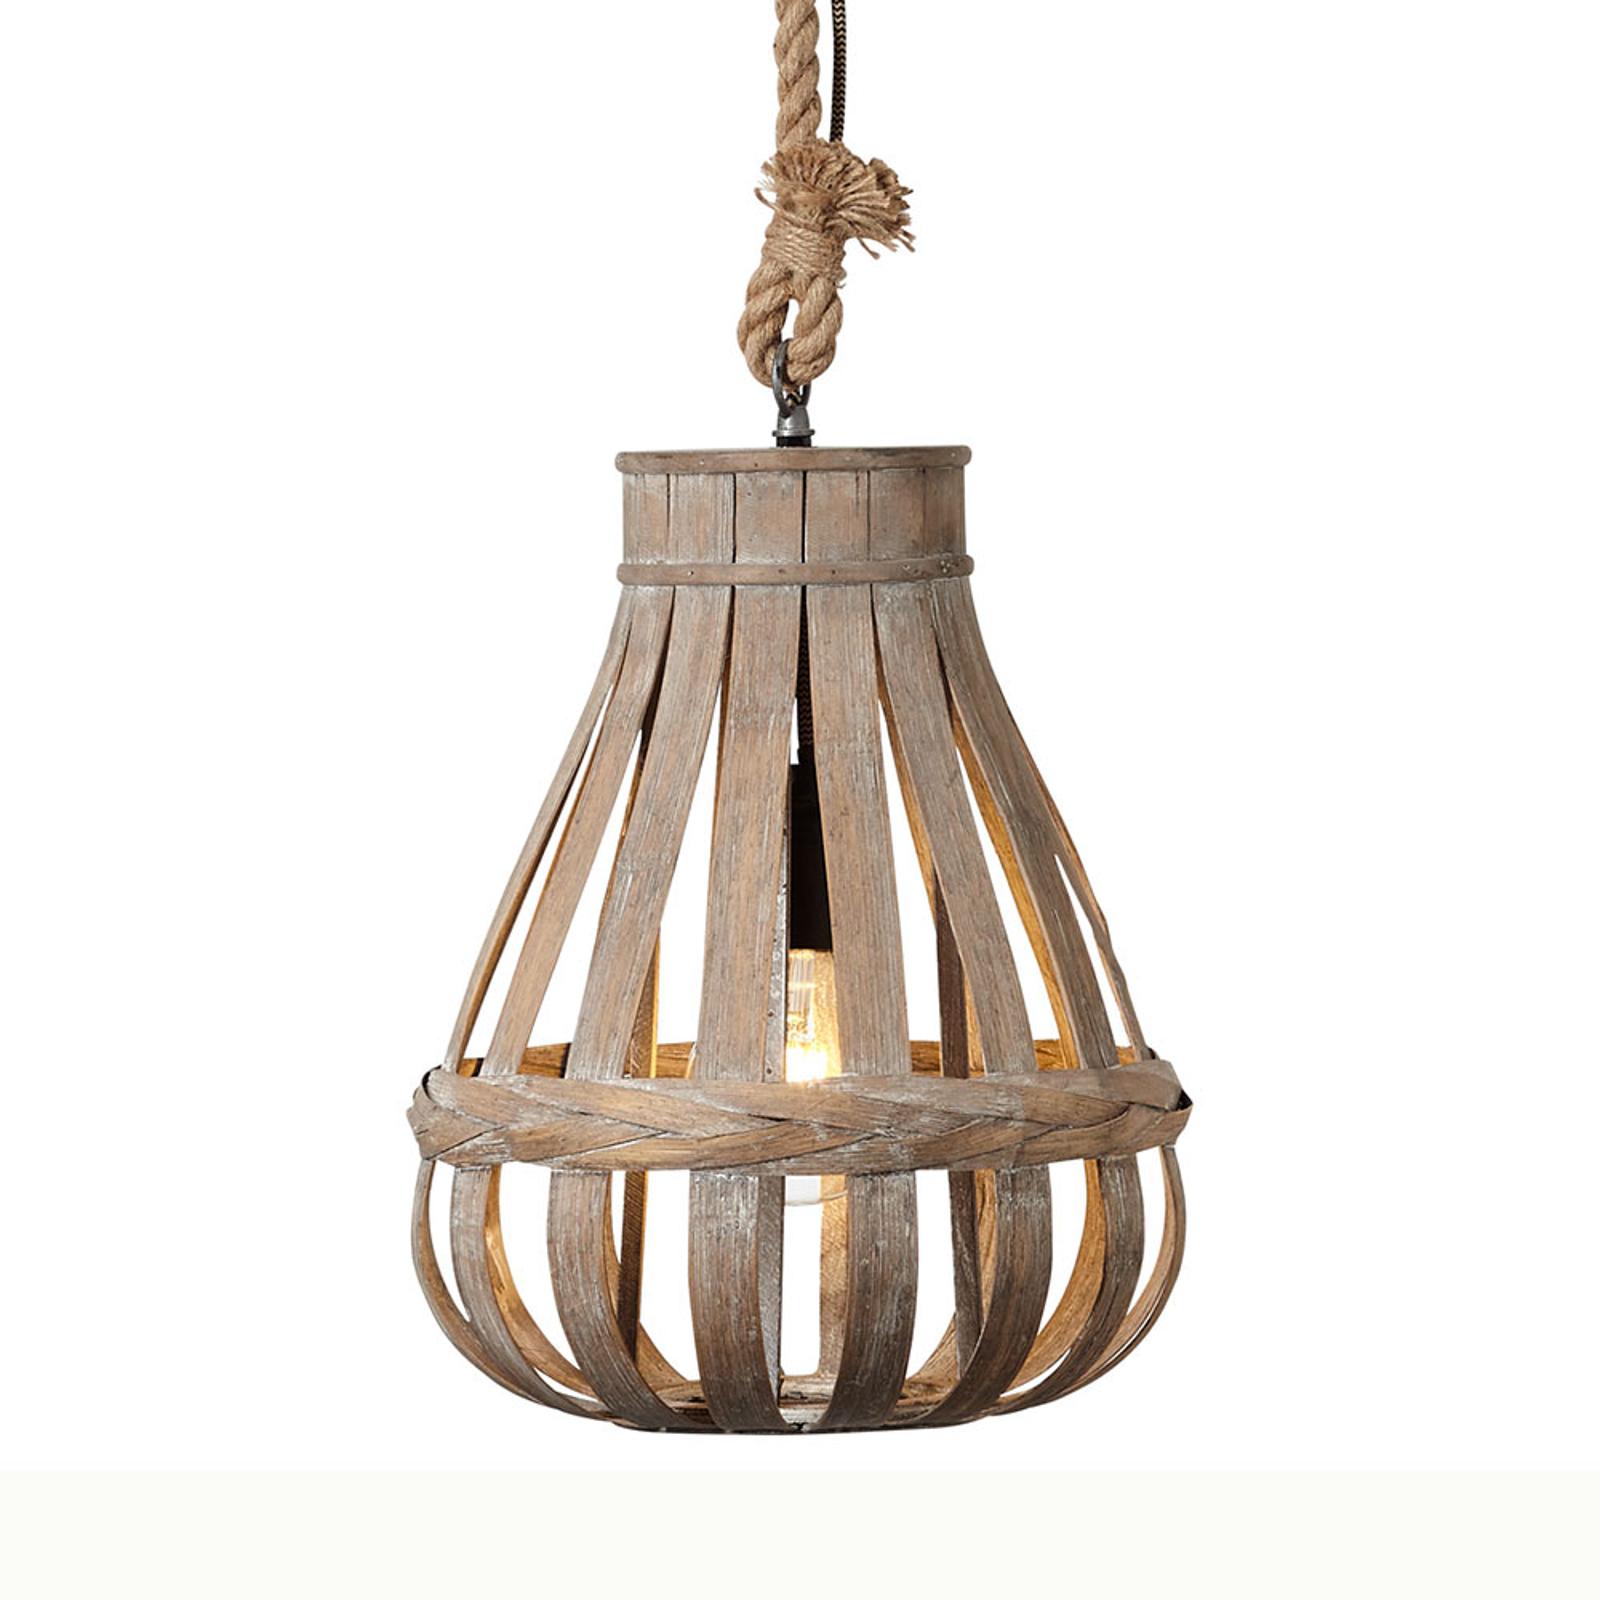 Lampa wisząca z kloszem bambusowym Kaminika 33 cm